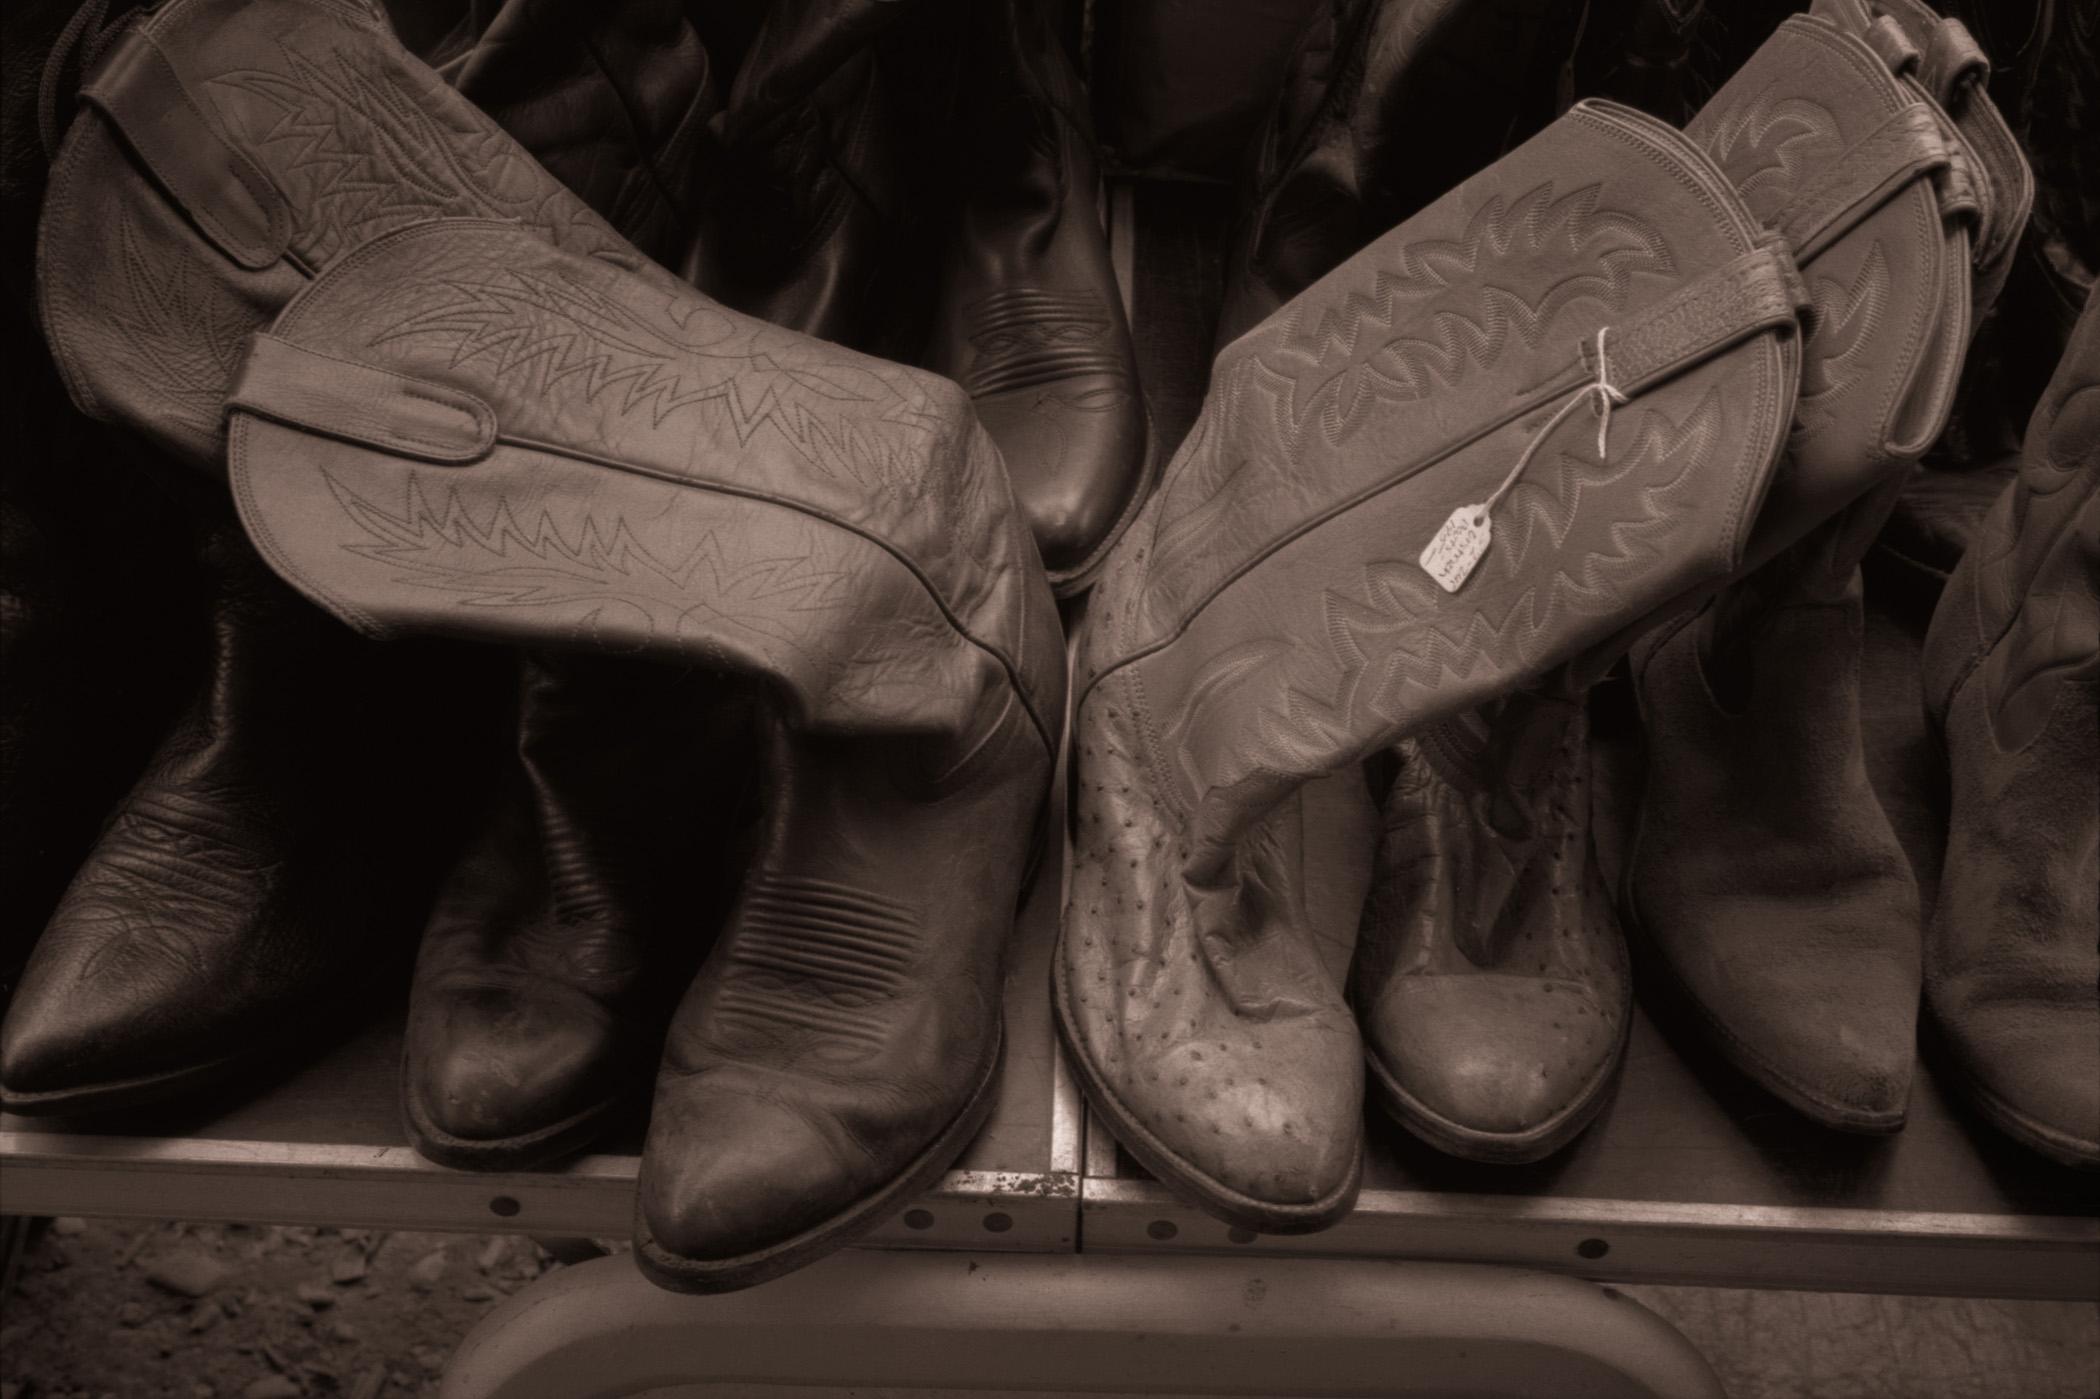 Boots, Woodstock Flea Market, 2011.jpg